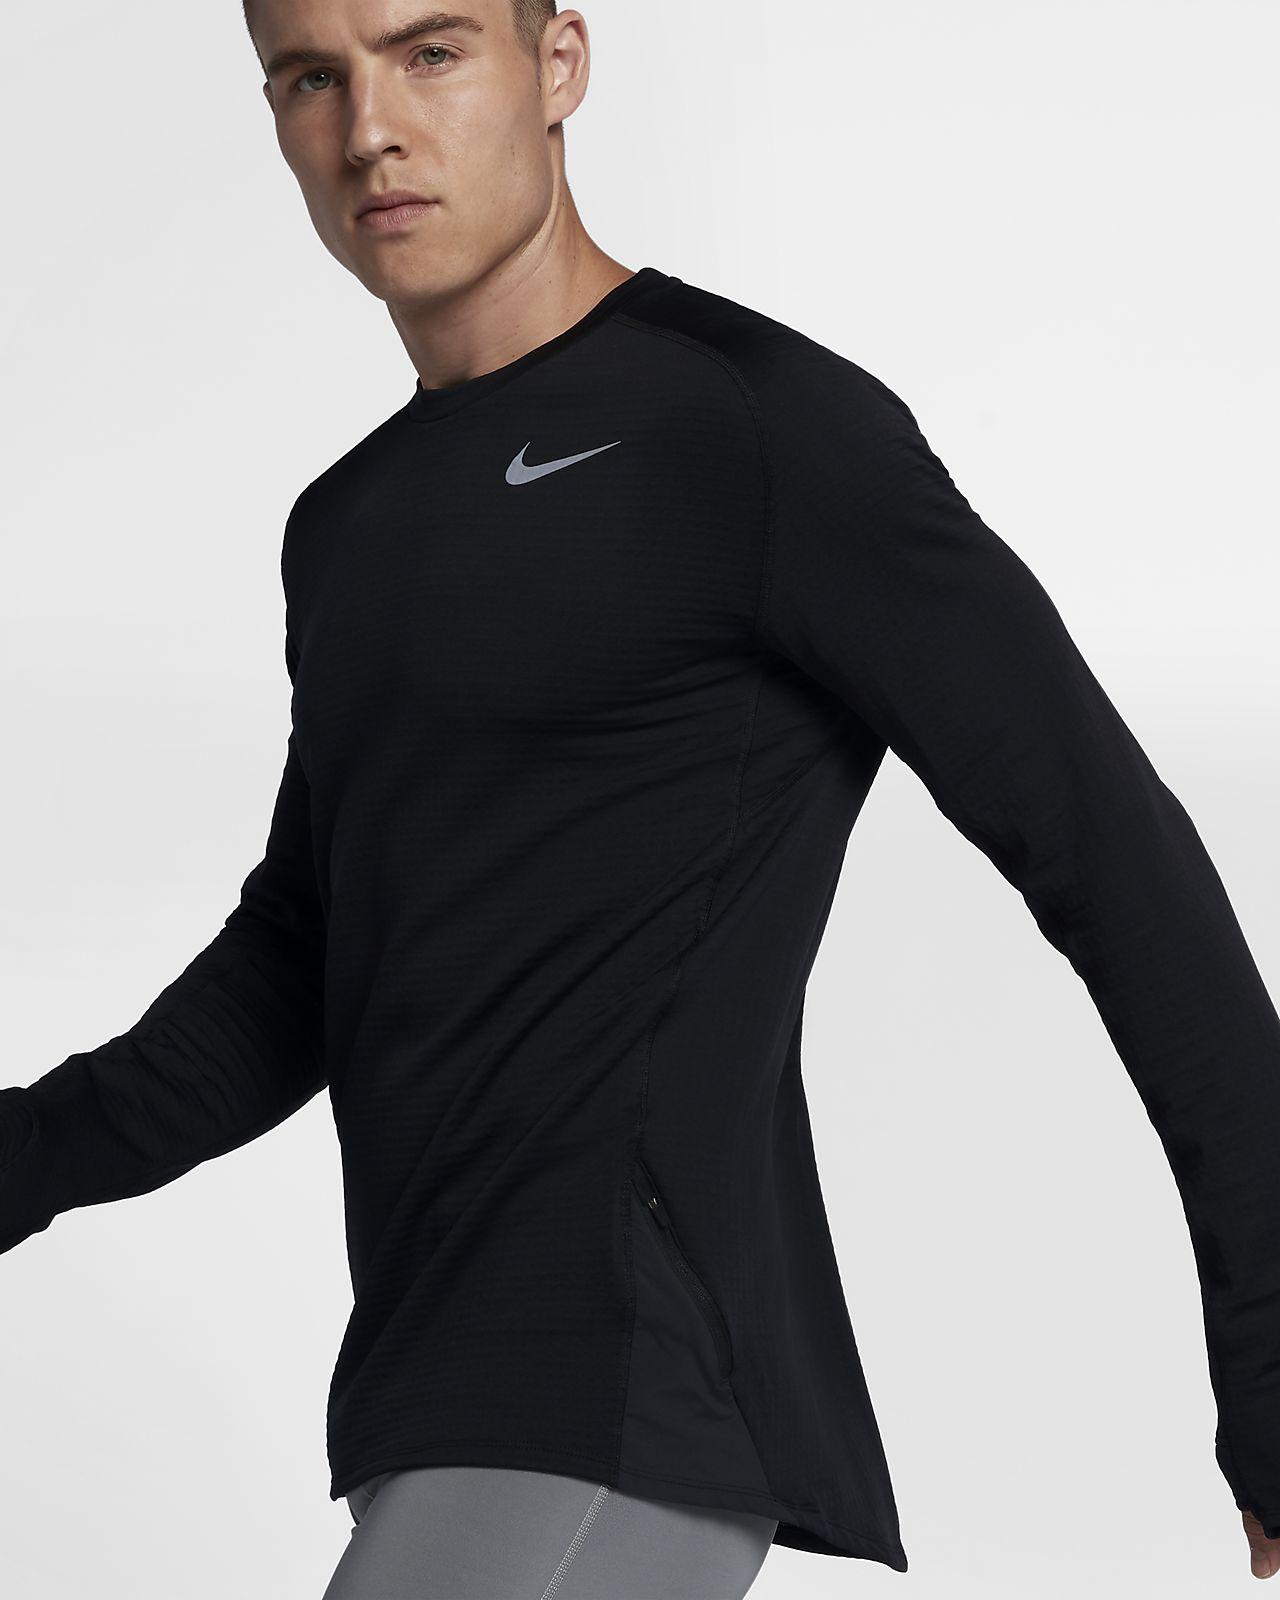 Ανδρική μακρυμάνικη μπλούζα για τρέξιμο Nike Therma Sphere